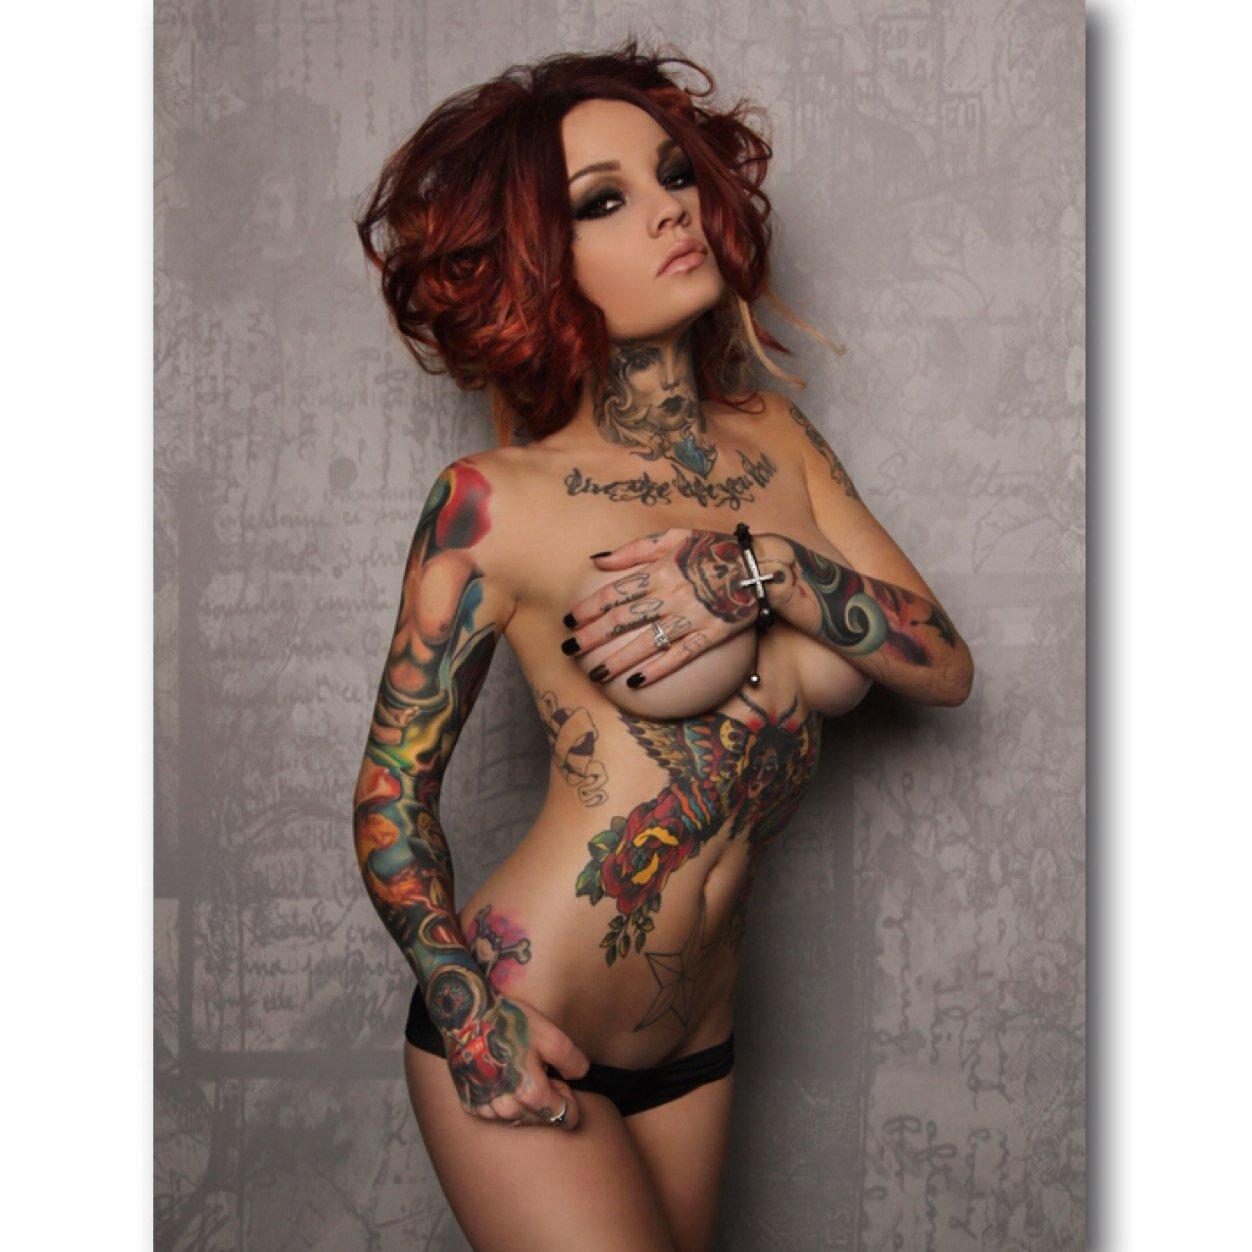 Nsfw tasteful tattoos of naked women